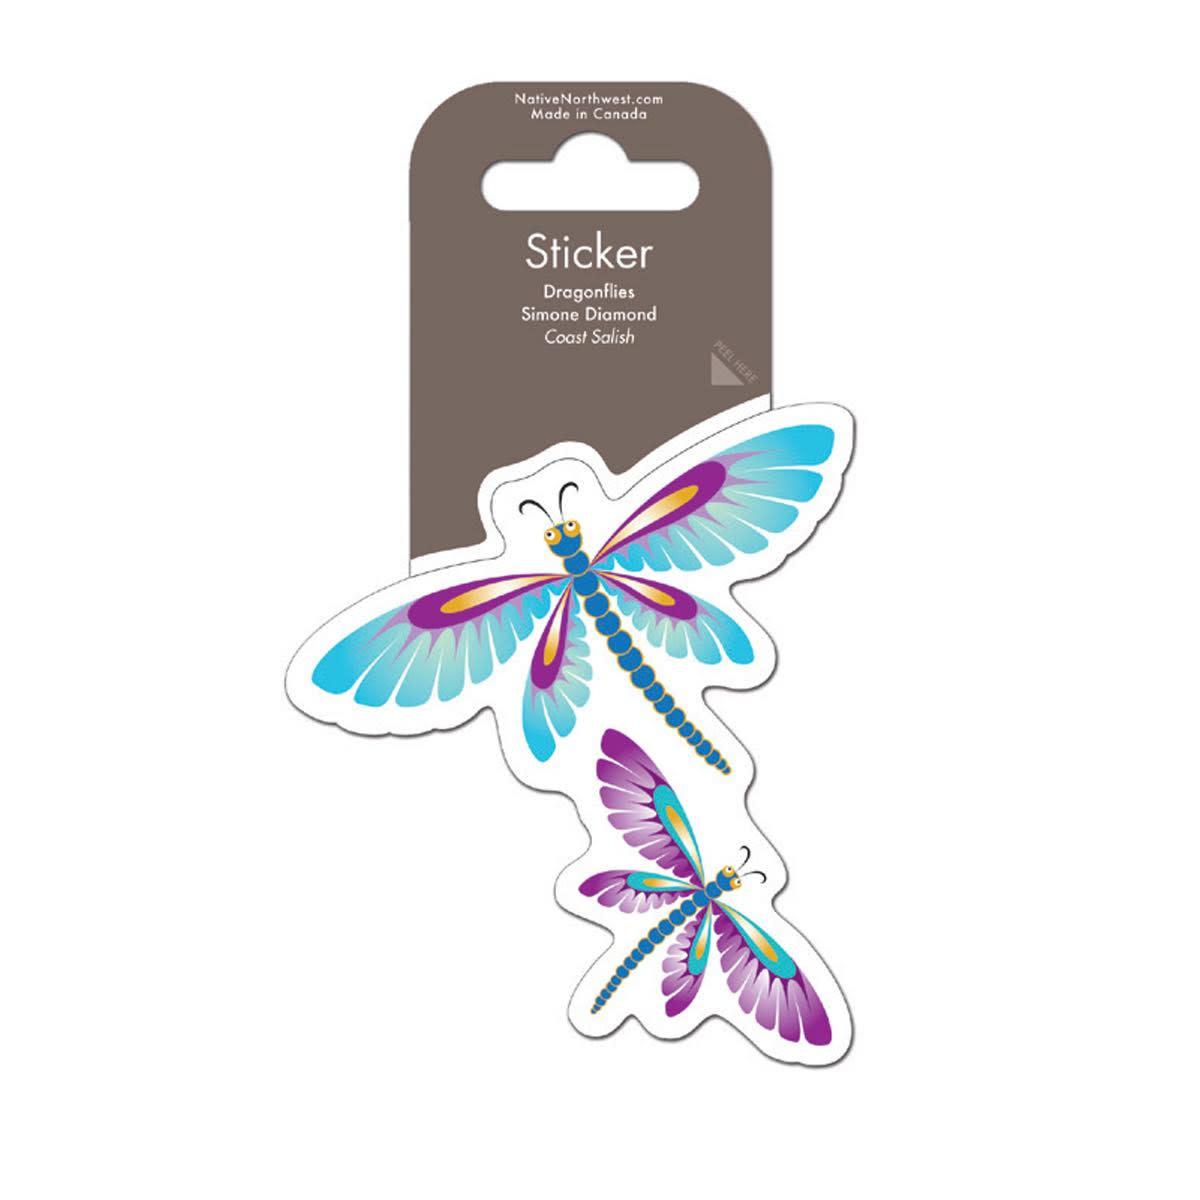 Sticker - Dragonflies by Simone Diamond-2